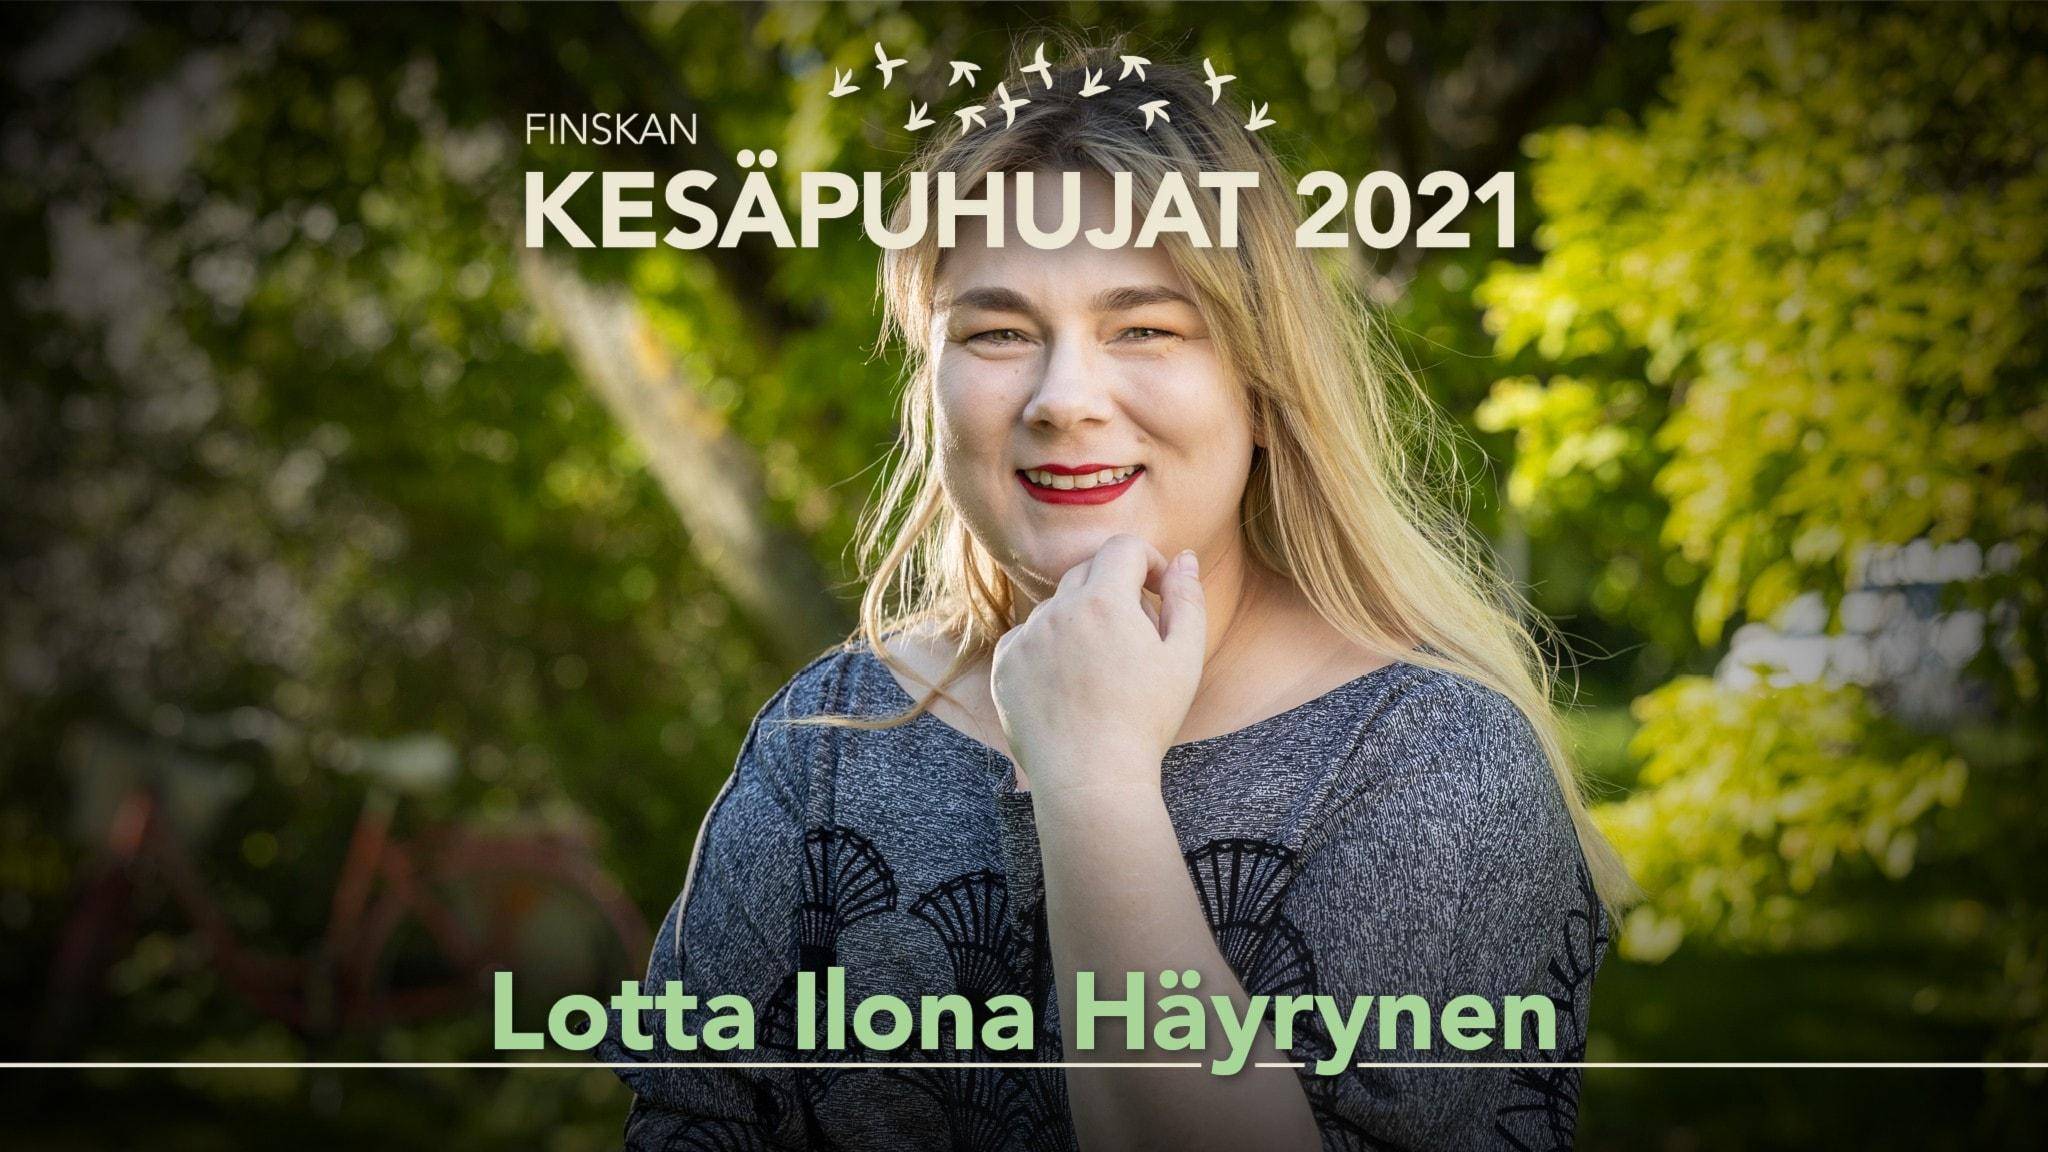 Lotta Ilona Häyrynen